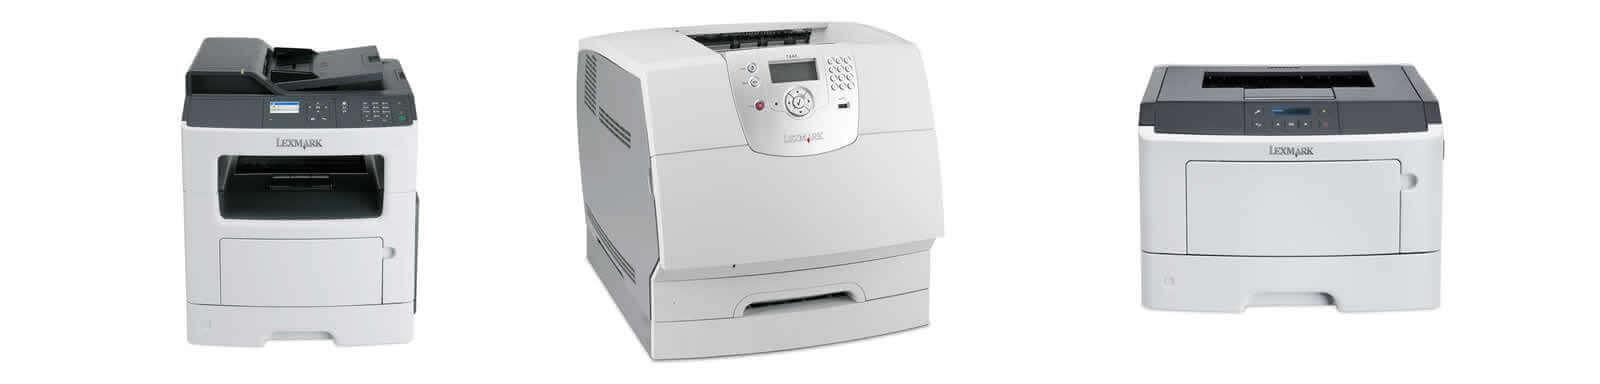 Aluguel de Impressoras Lexmark